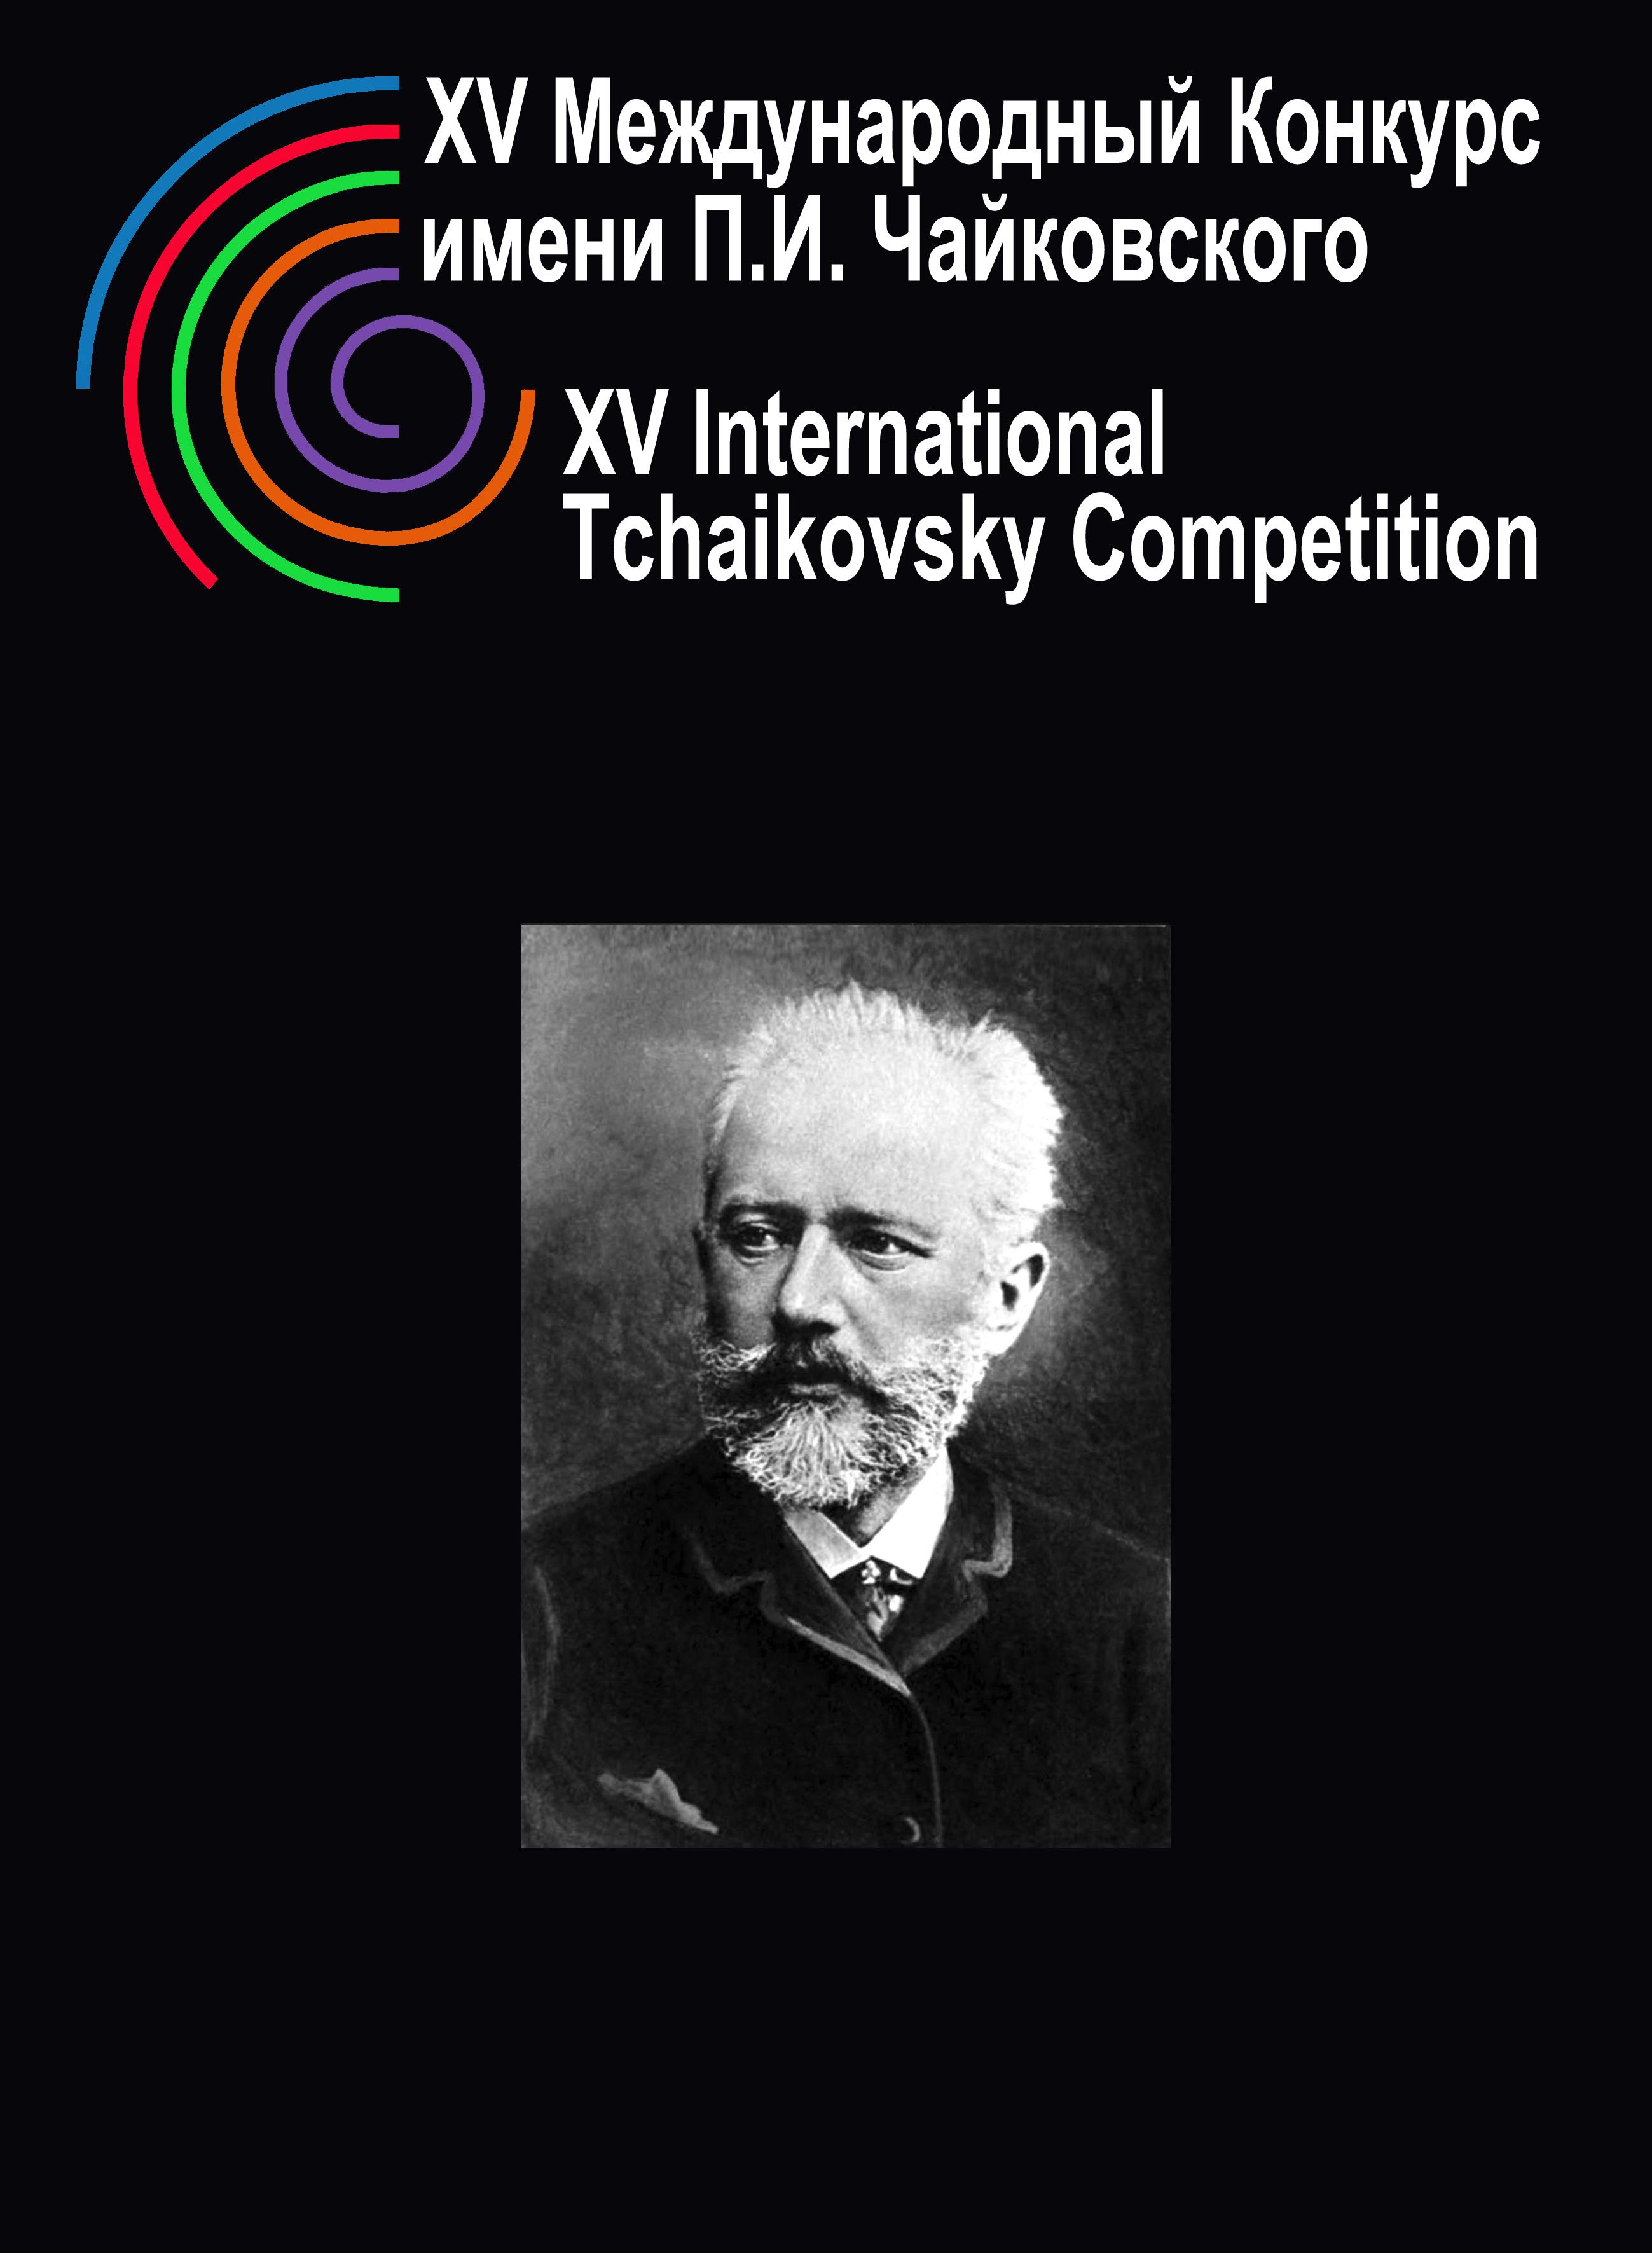 В пятницу, в 1900 в большом зале московской государственной консерватории имени п и чайковского состоится